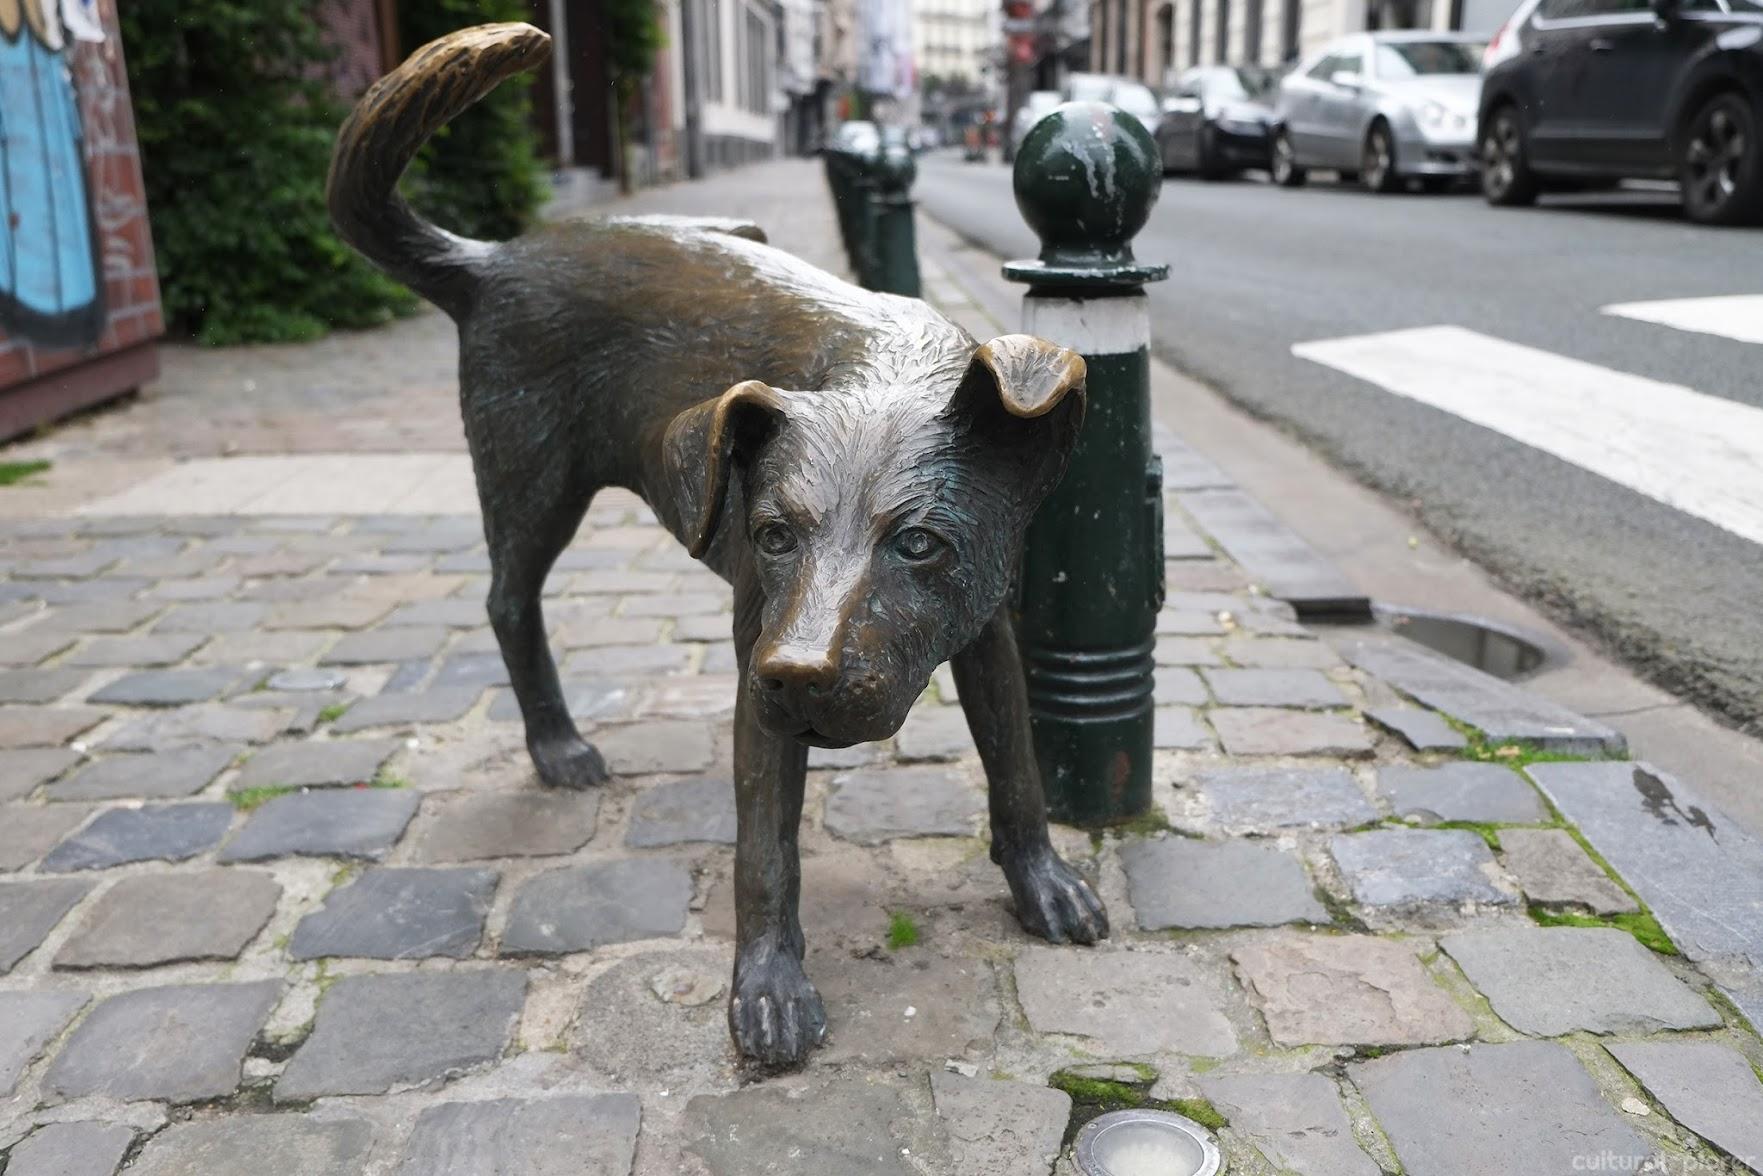 Street Art Brussels Zinneke Pis